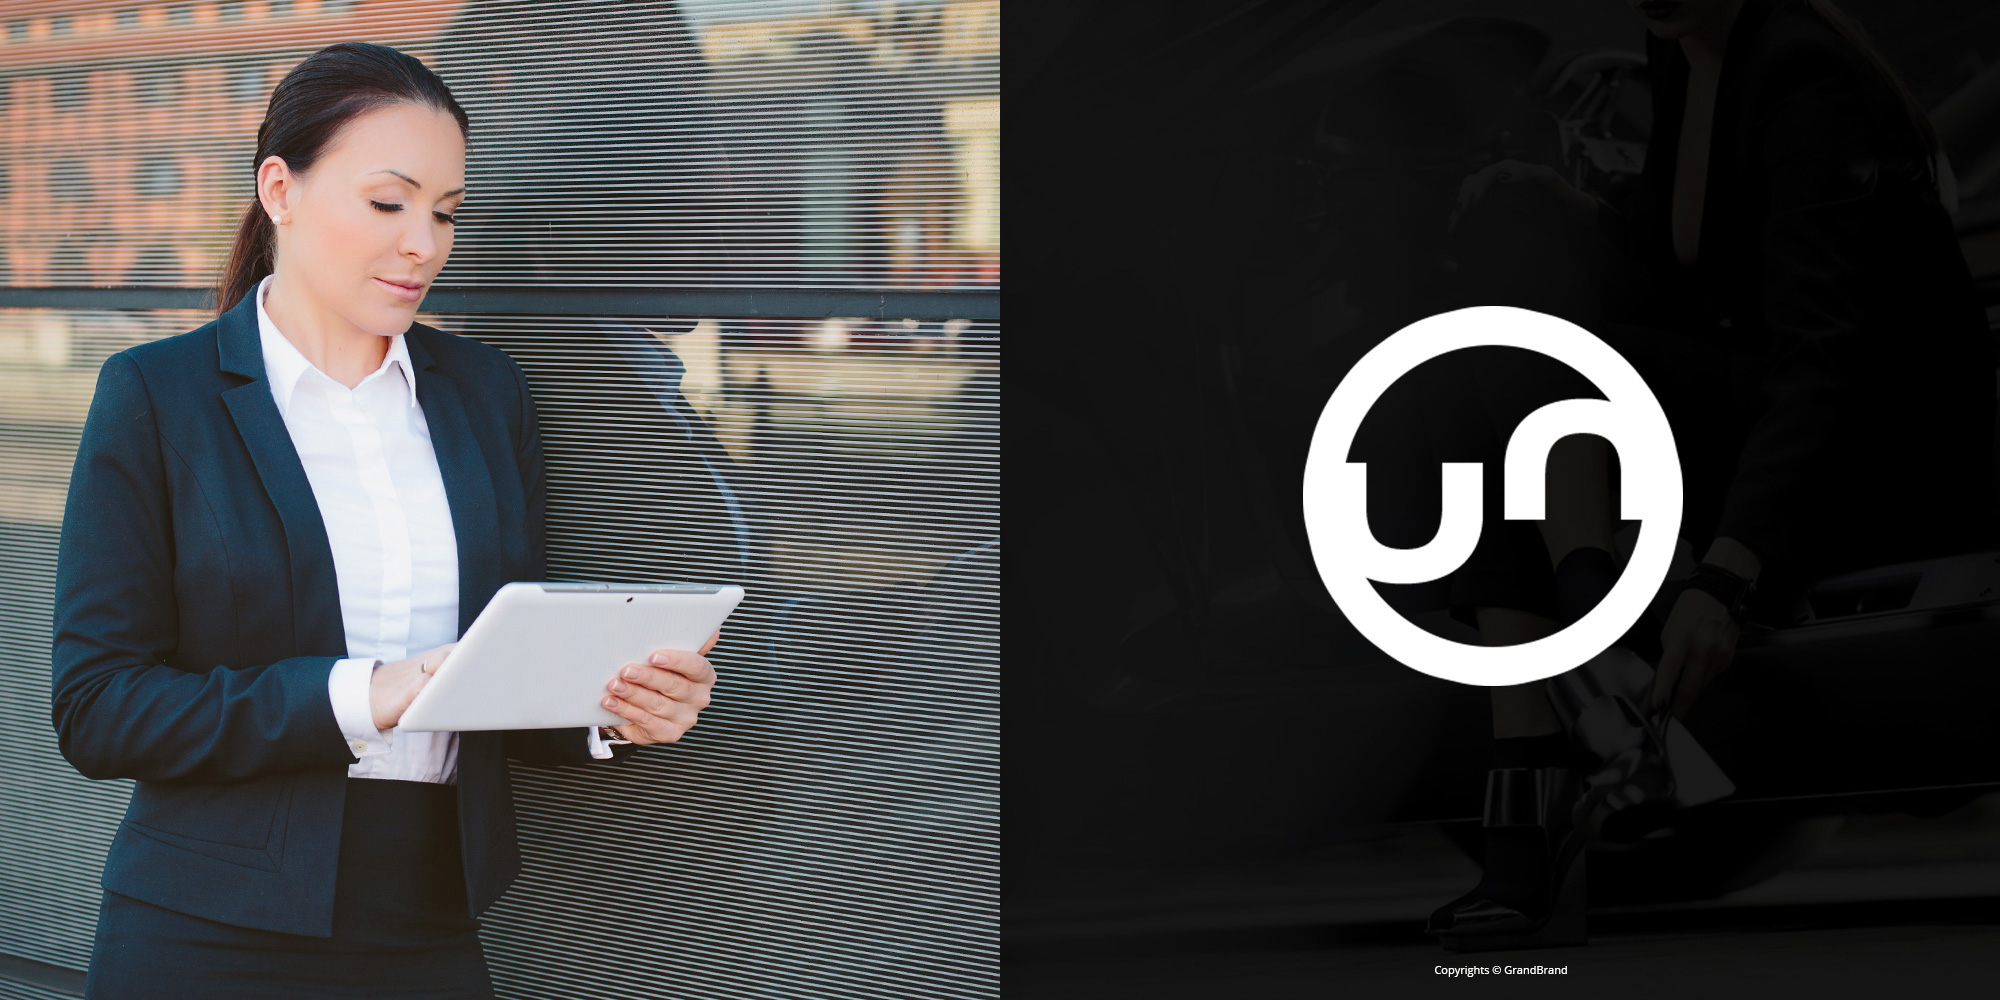 Agnieszka Kluczka, Marka Osobista, Unrau, biznes, logo, logotyp, personal branding, agencja, strona www, branding